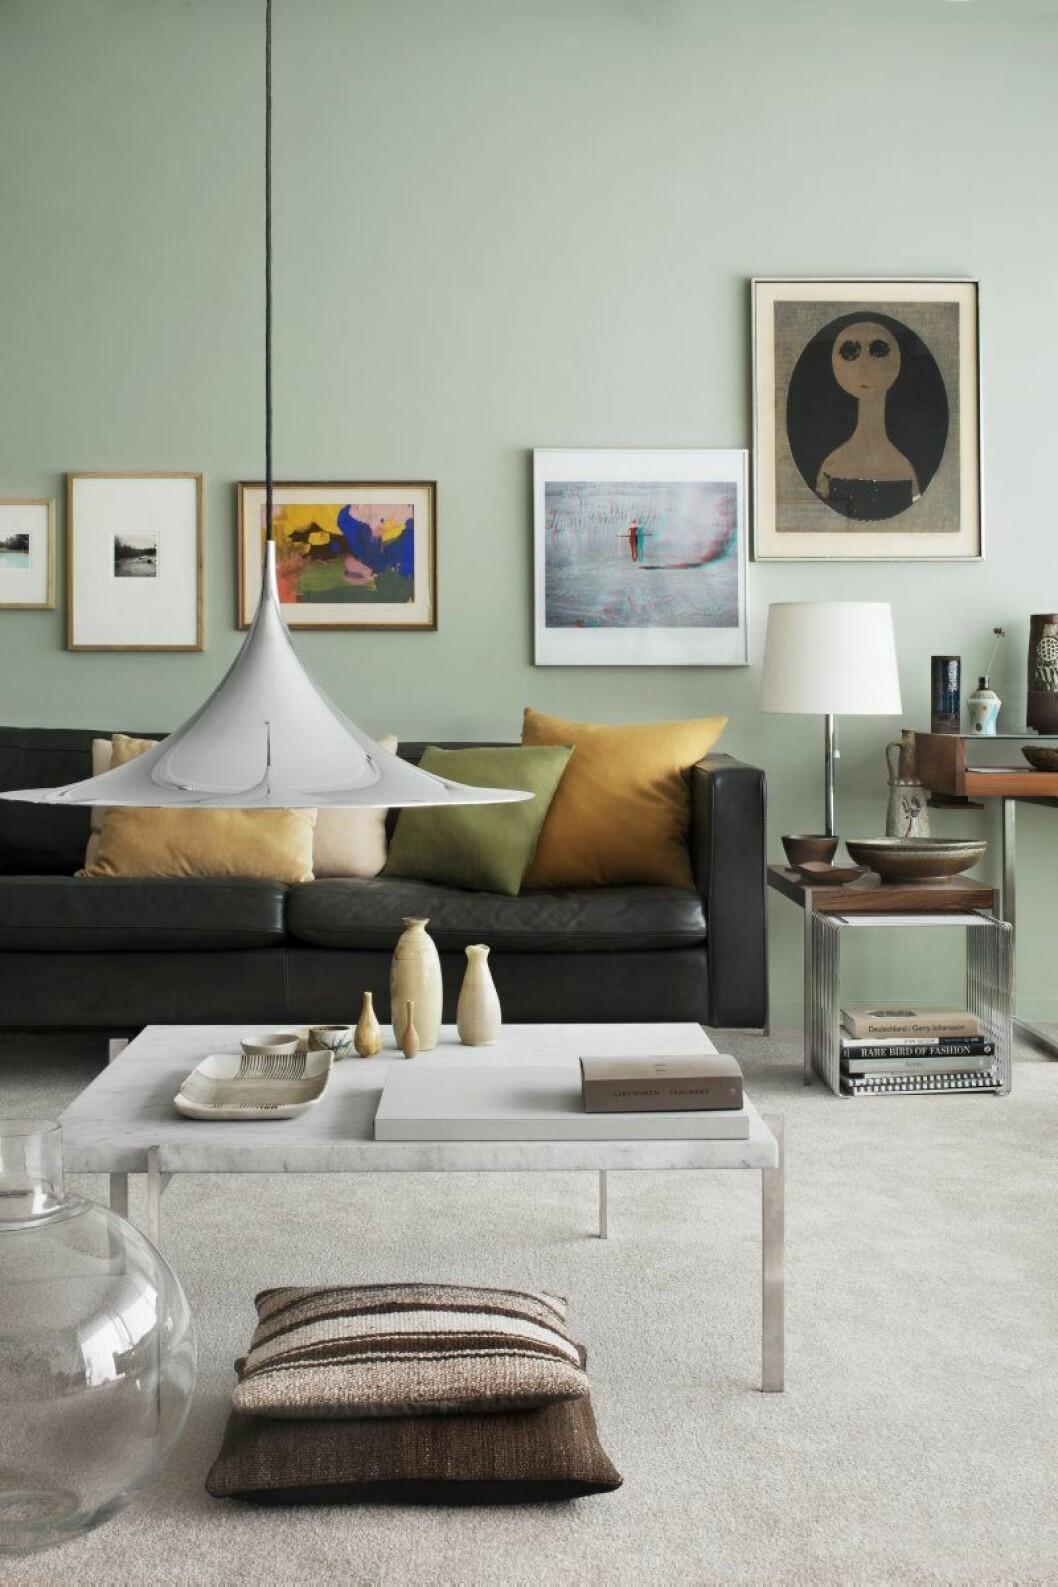 Hämta inspiration från tavelväggar som denna, stylad av Thomas Lingsell.